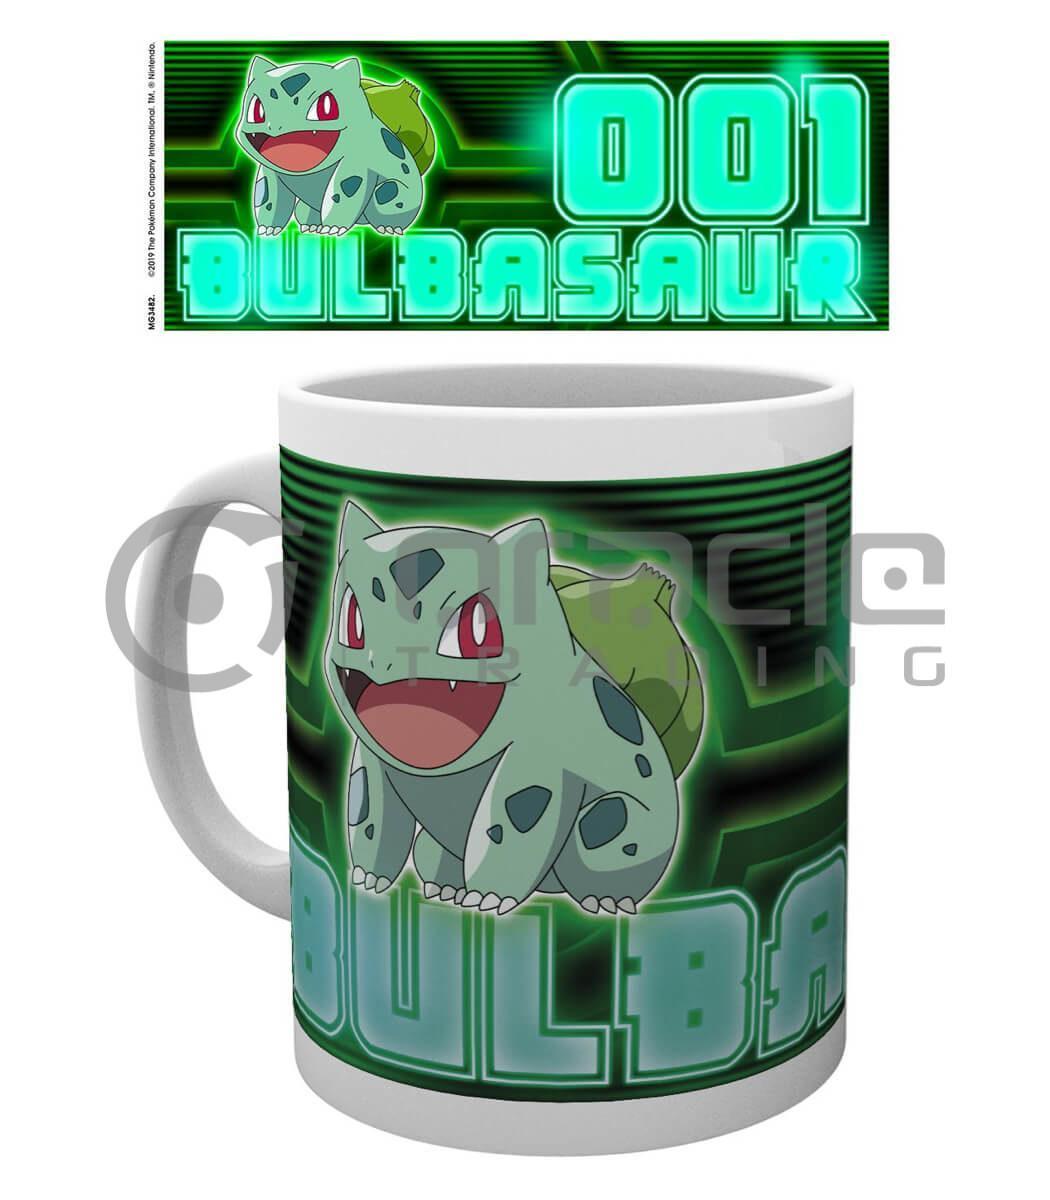 Pokémon Mug - Bulbasaur